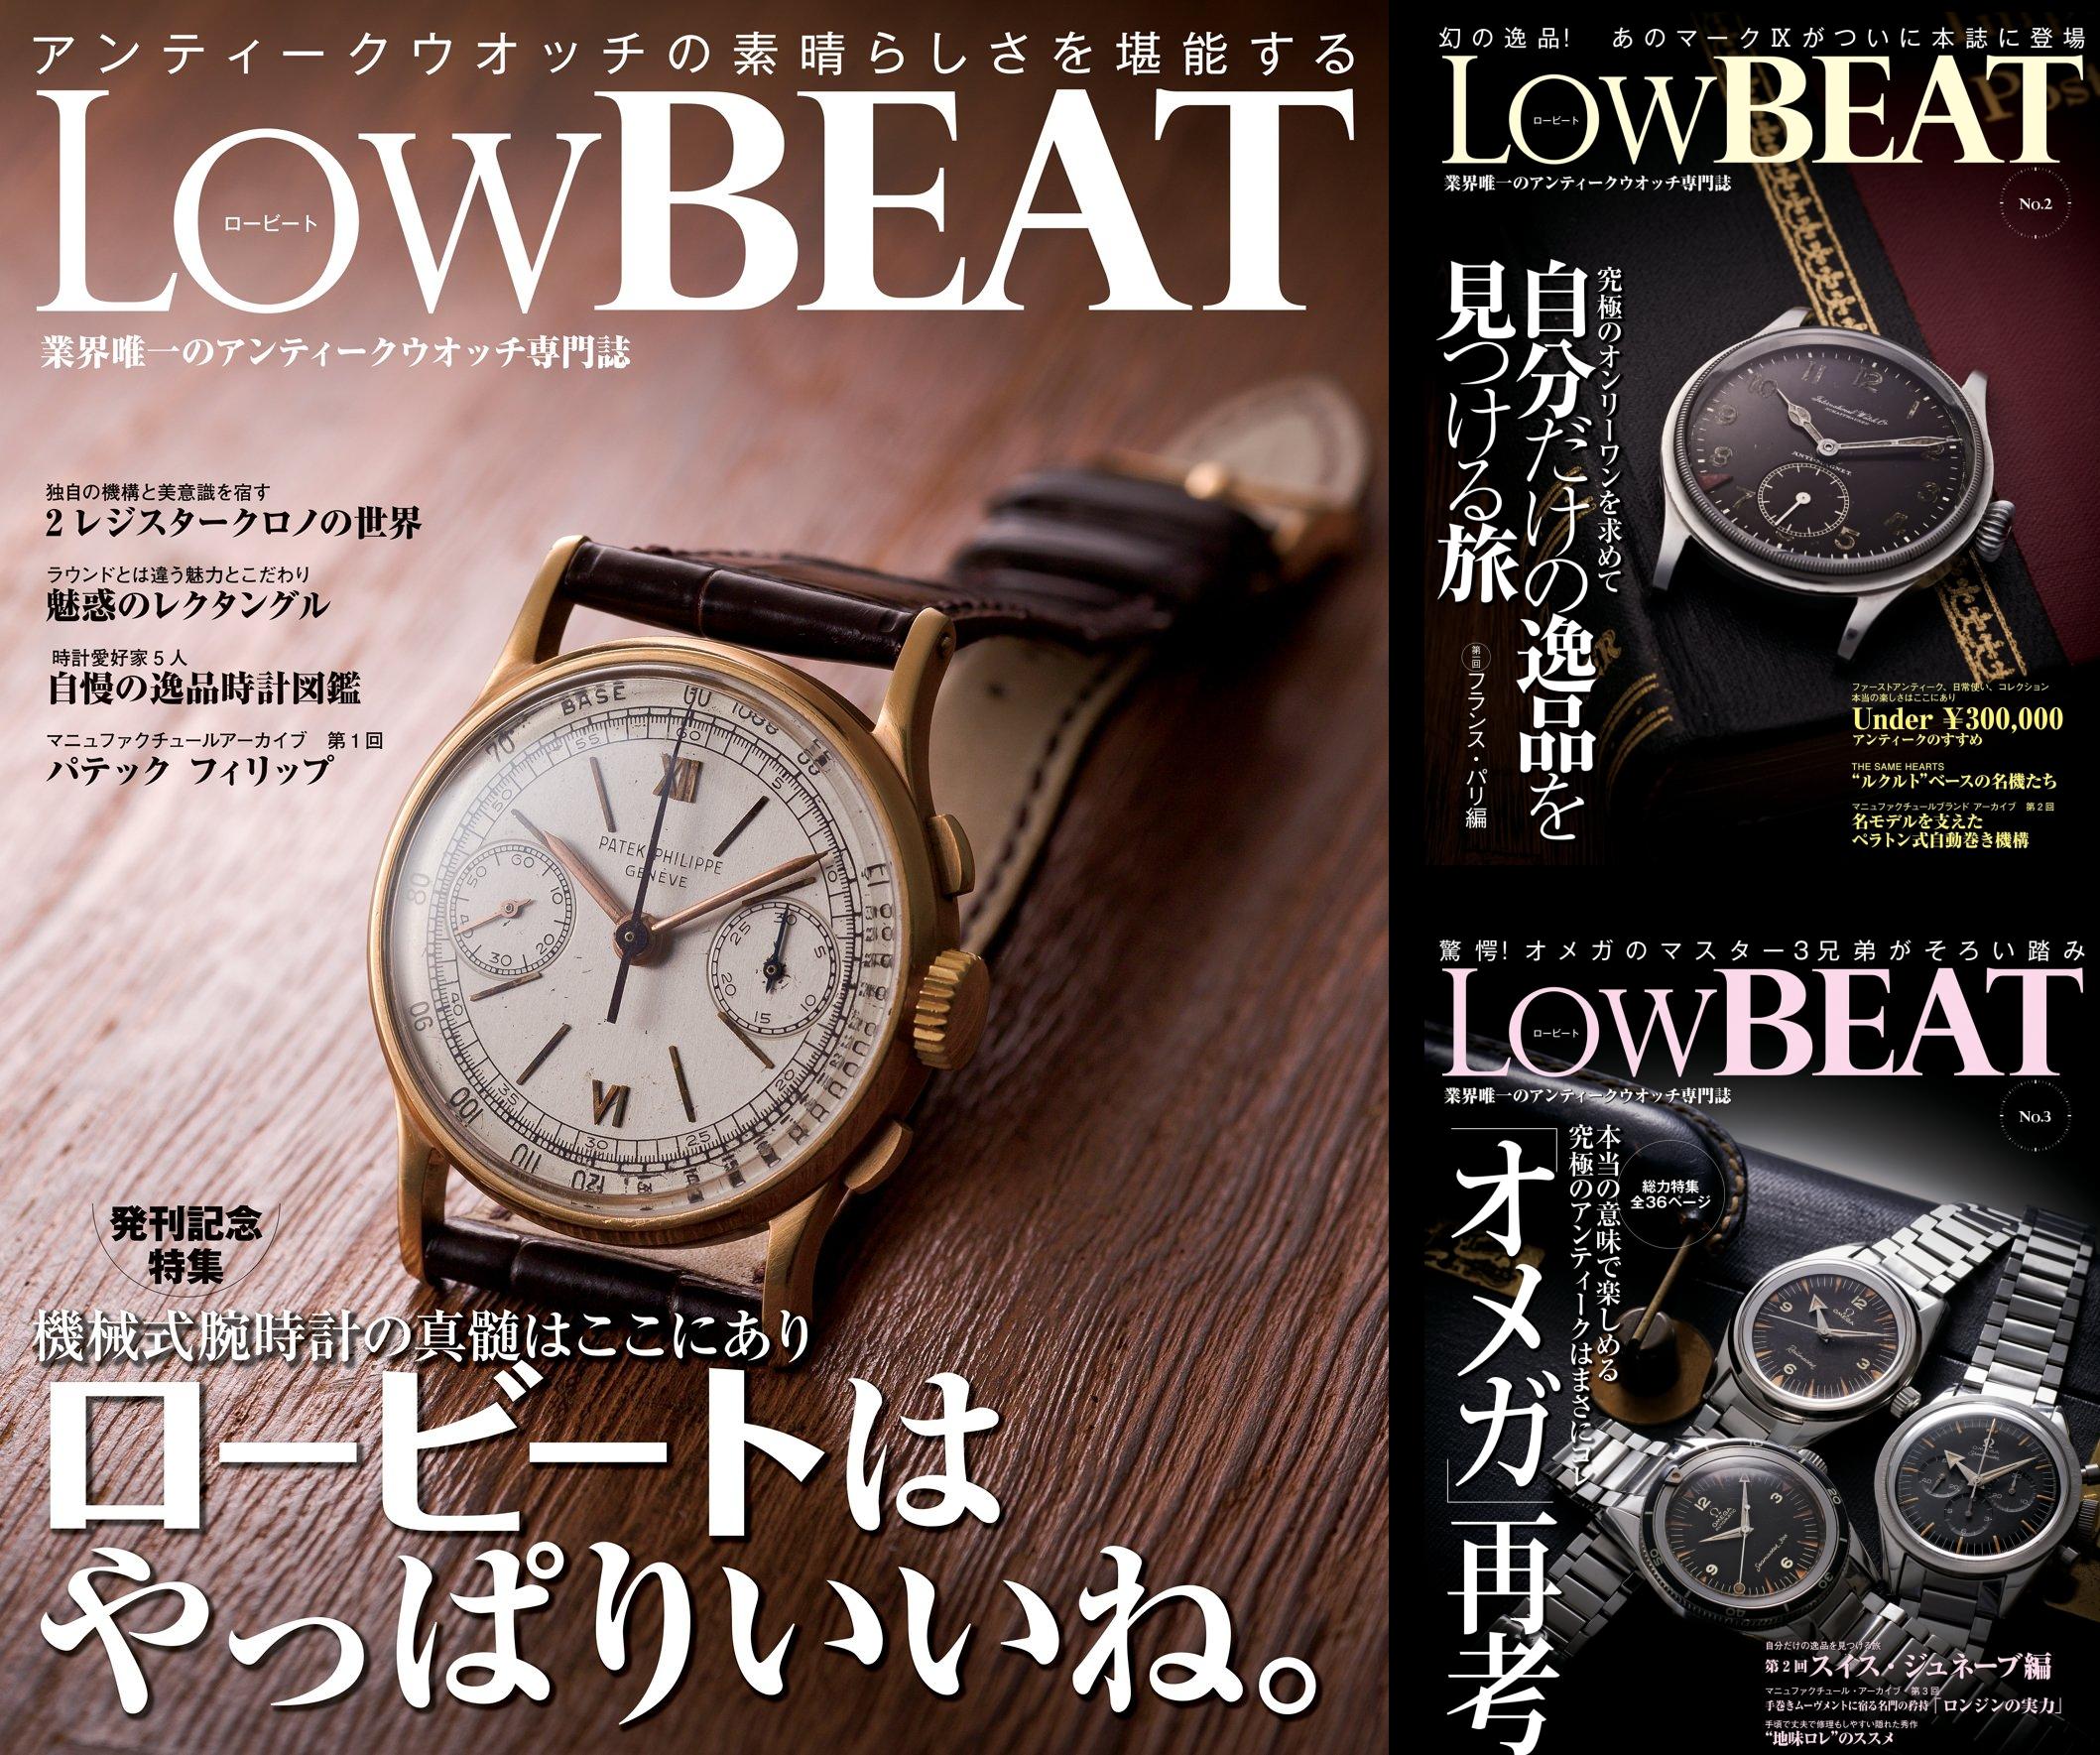 [まとめ買い] Low BEAT